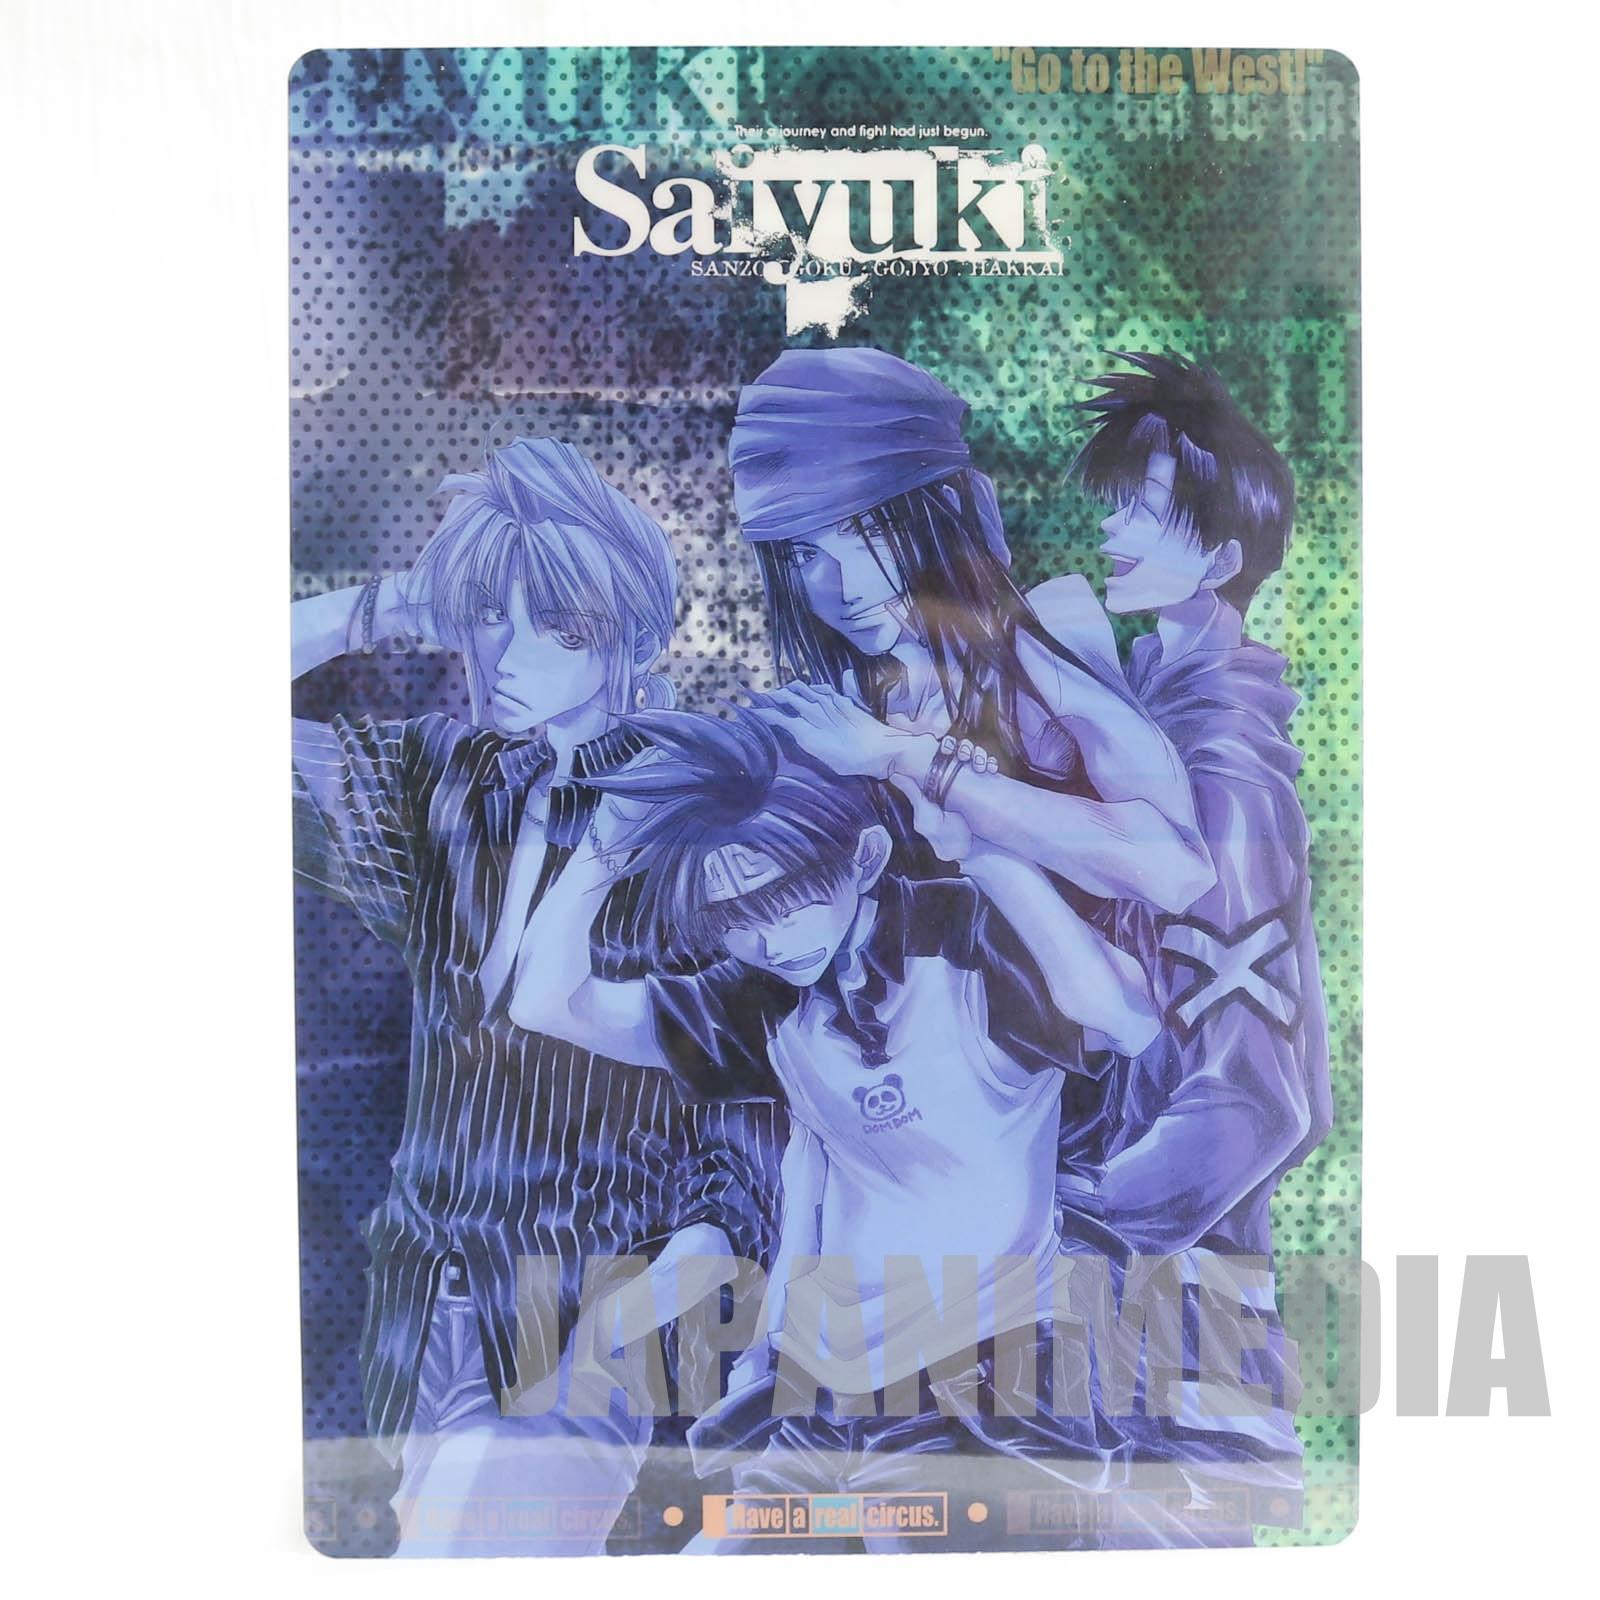 SAIYUKI Plastic Pencil Board Pad Shitajiki [Sanzo / Goku / Gojyo / Hakkai] JAPAN #2